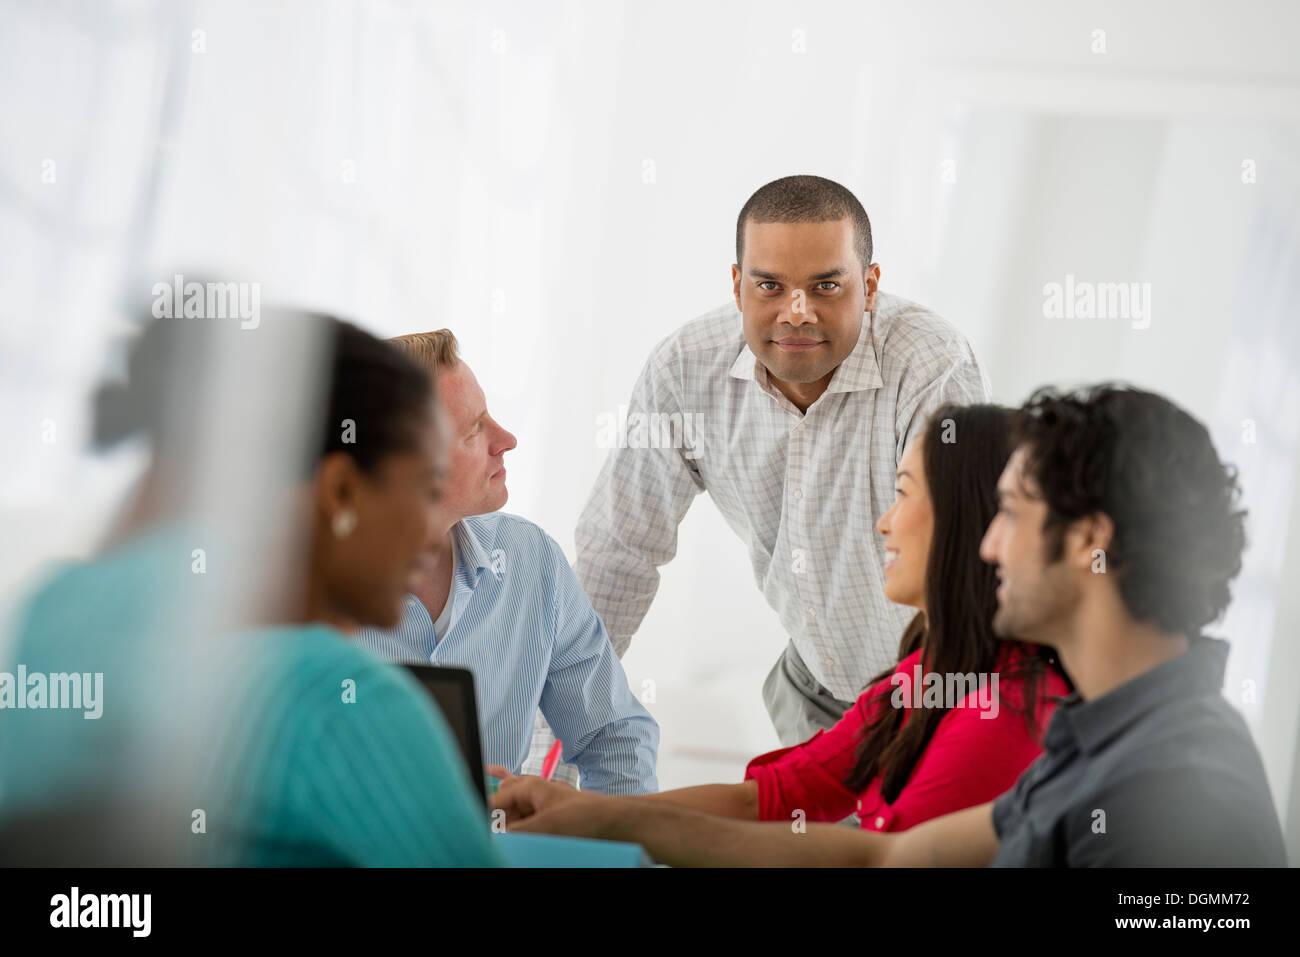 Un grupo multiétnico de gente alrededor de una mesa, los hombres y las mujeres. El trabajo en equipo. Reunión. Foto de stock